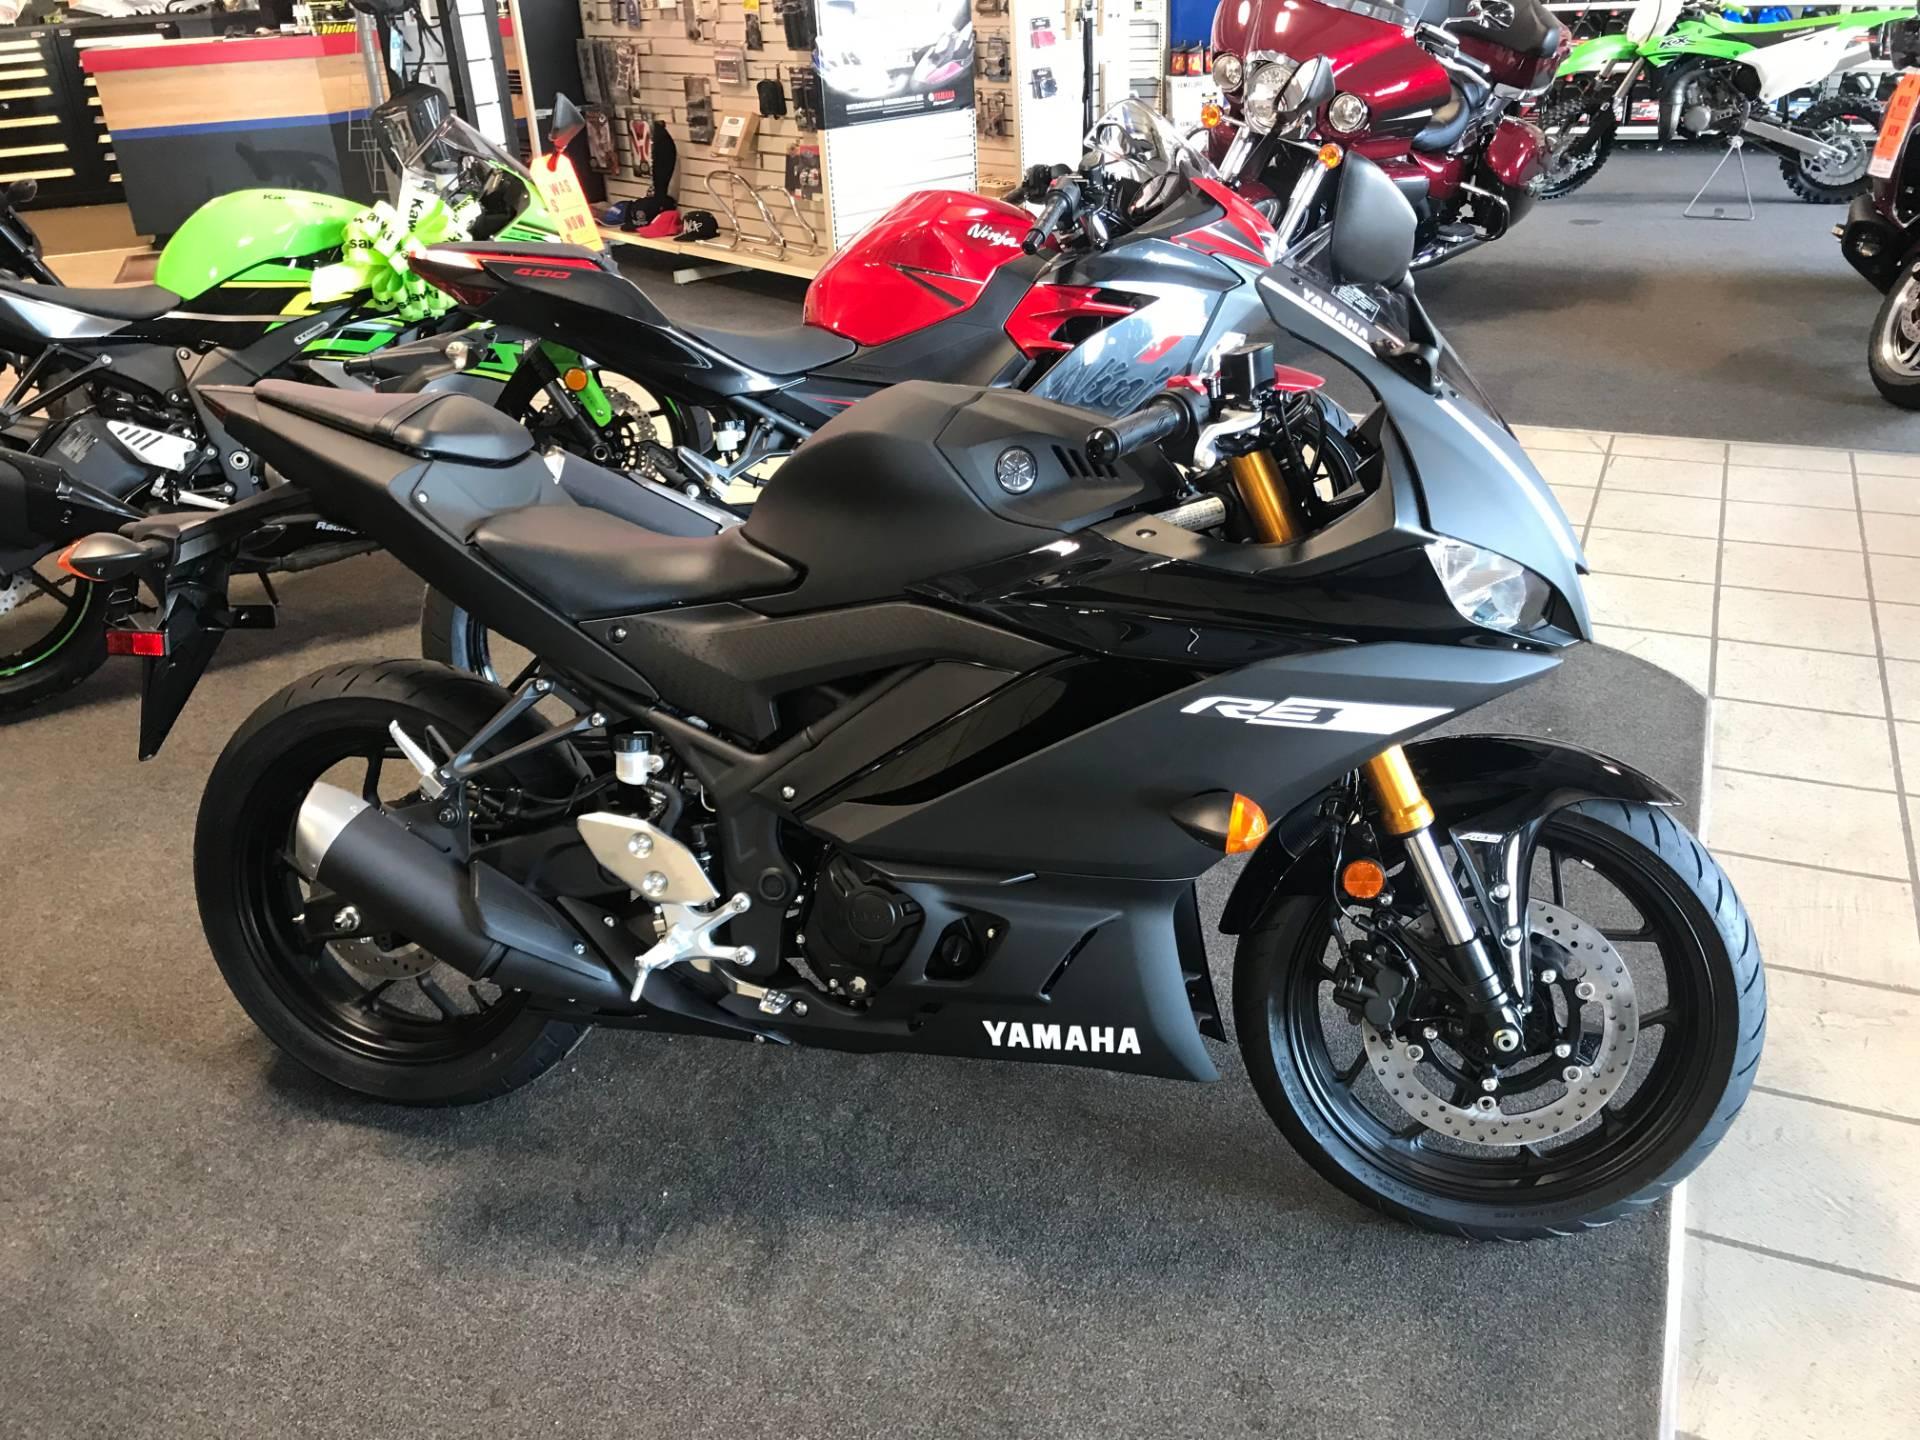 2019 Yamaha YZF-R3 ABS 1